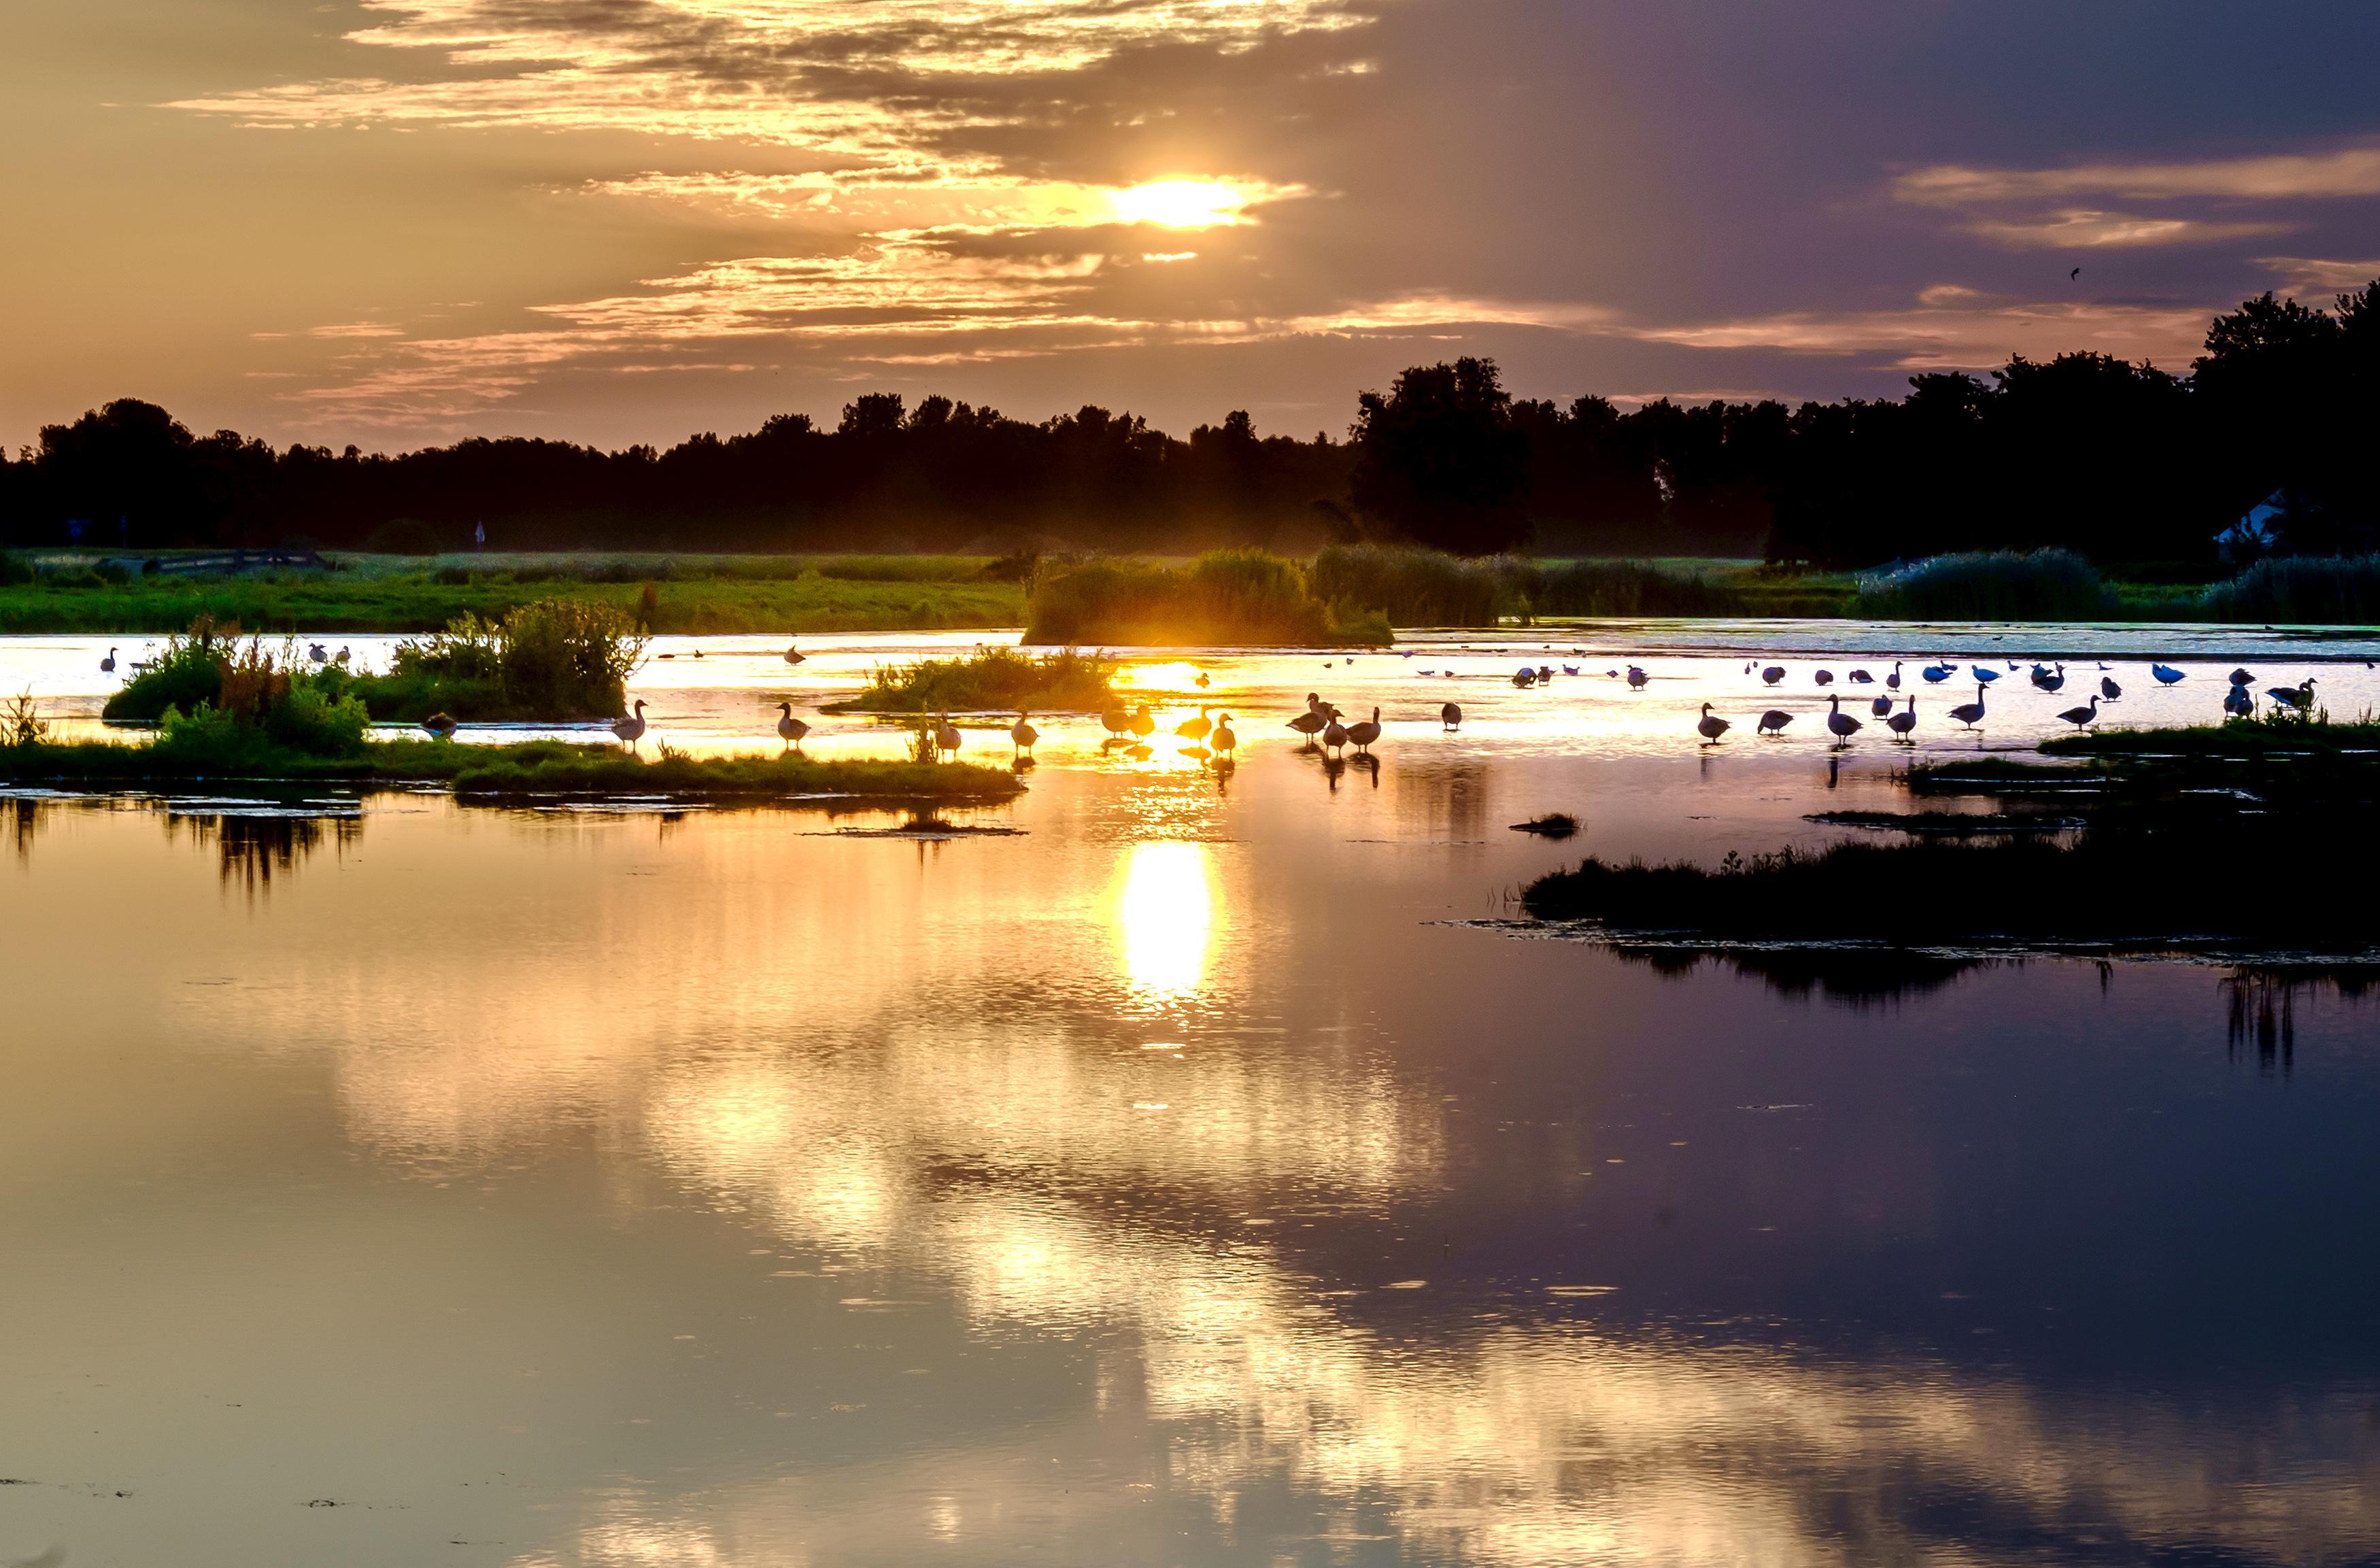 Tokkelbaan en horeca noodzakelijk voor recreatiegebied Geestmerambacht. 'Voor niets gaat de zon op'